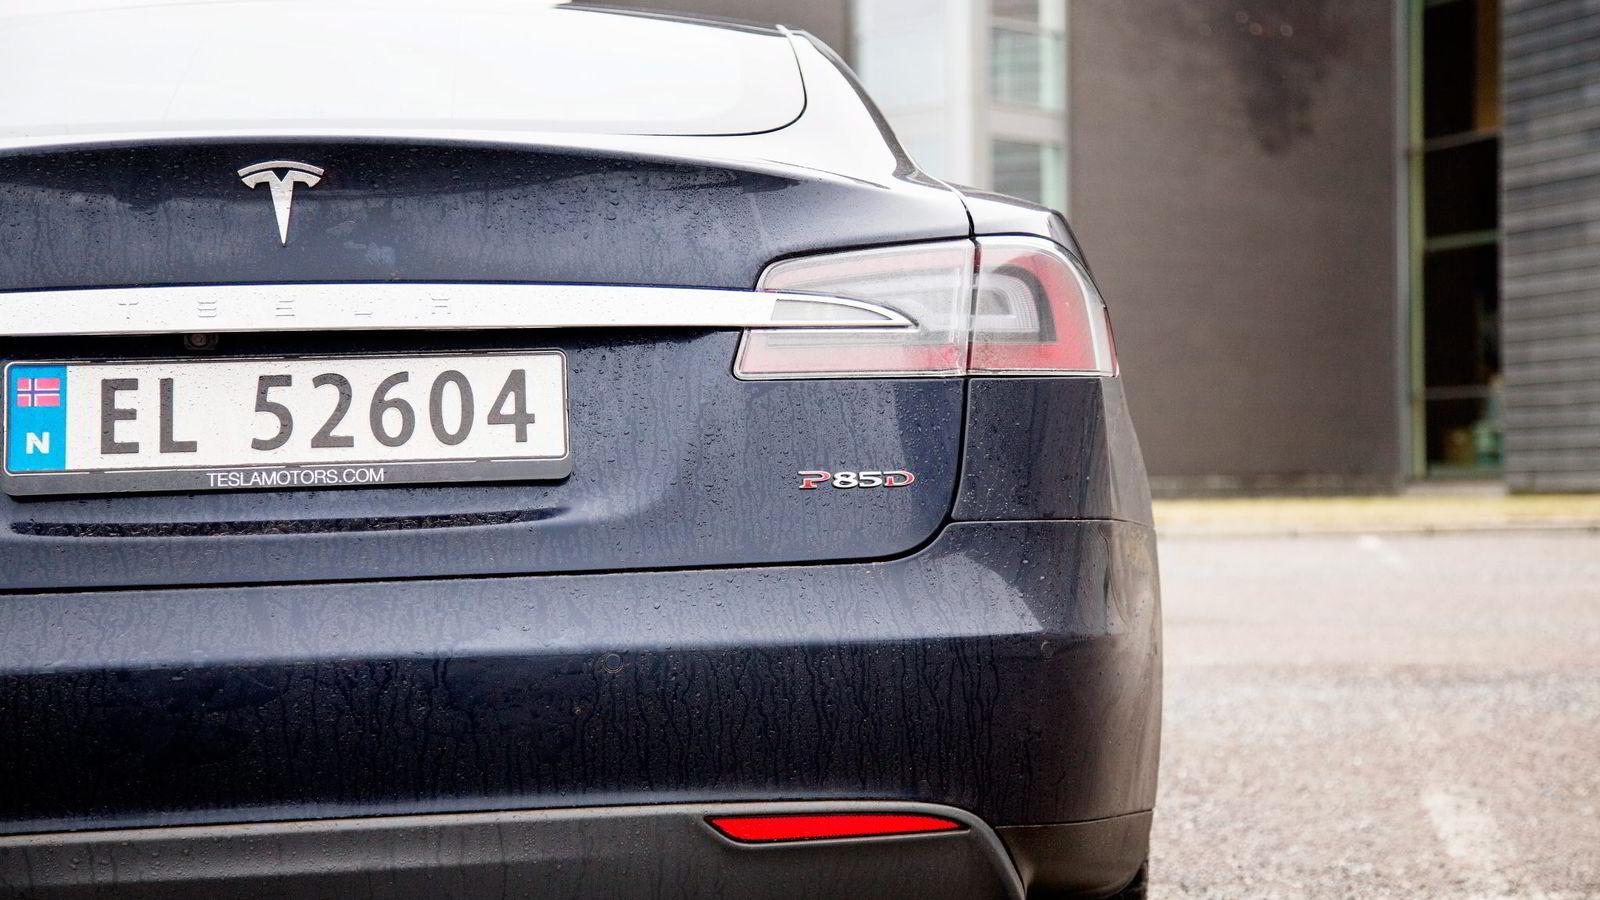 Versting-modellen Tesla Model S P85D med inntil 539 hestekrefter er en av modellene som nå er historie.